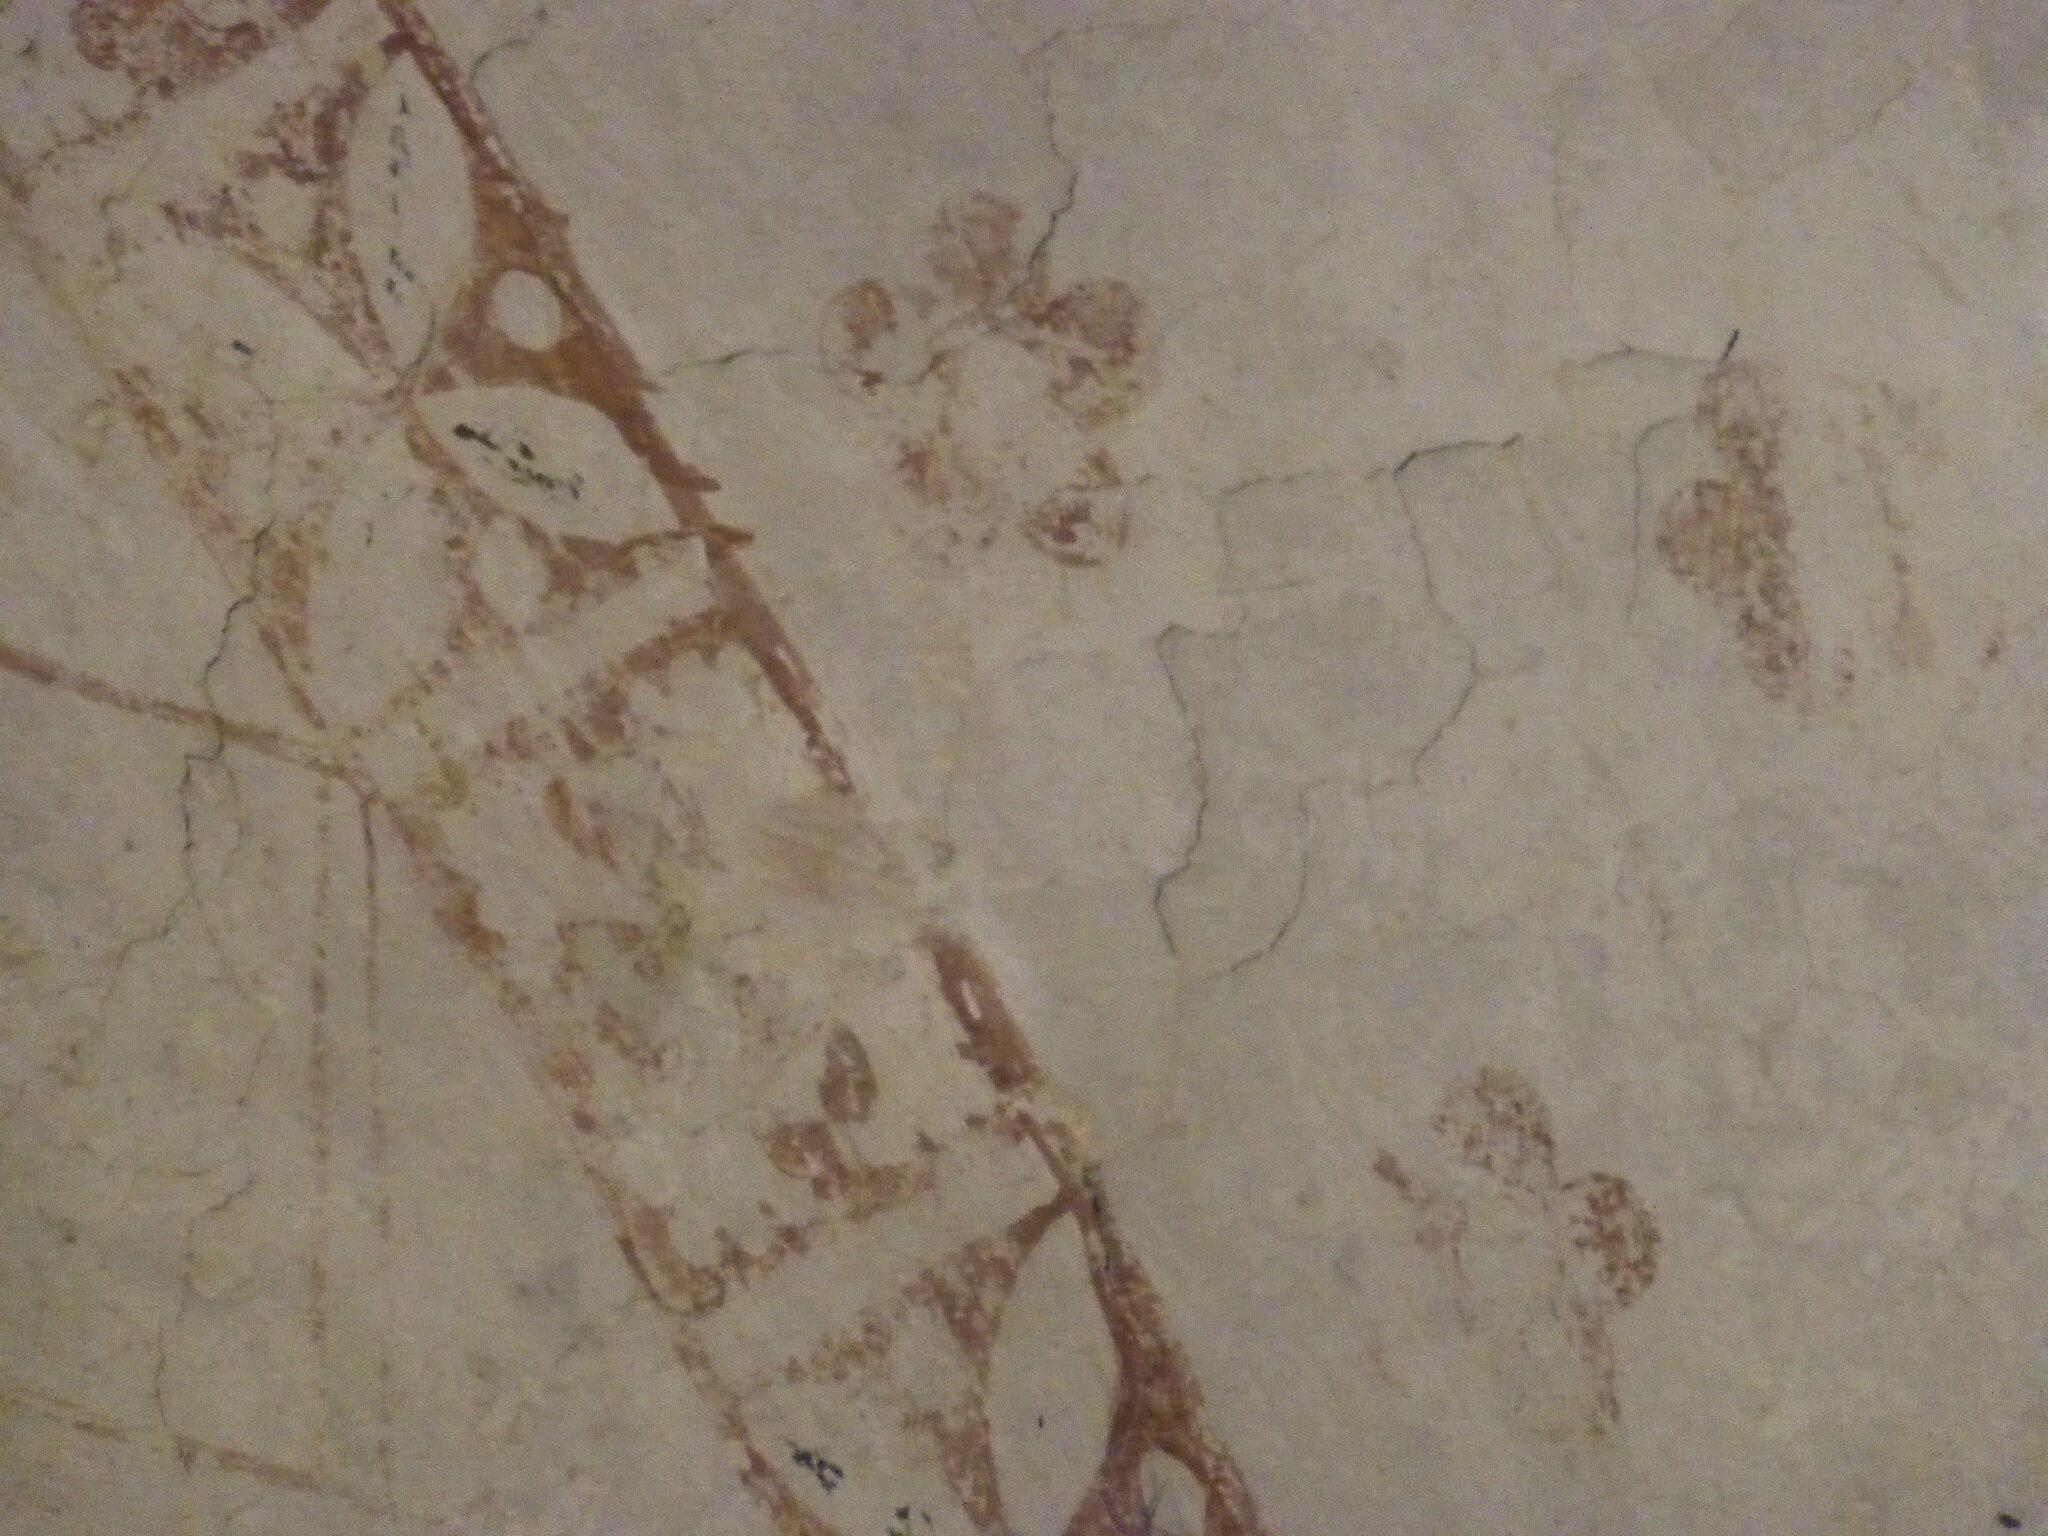 balade à cheval médiévale - Abbaye de Hambye (181)